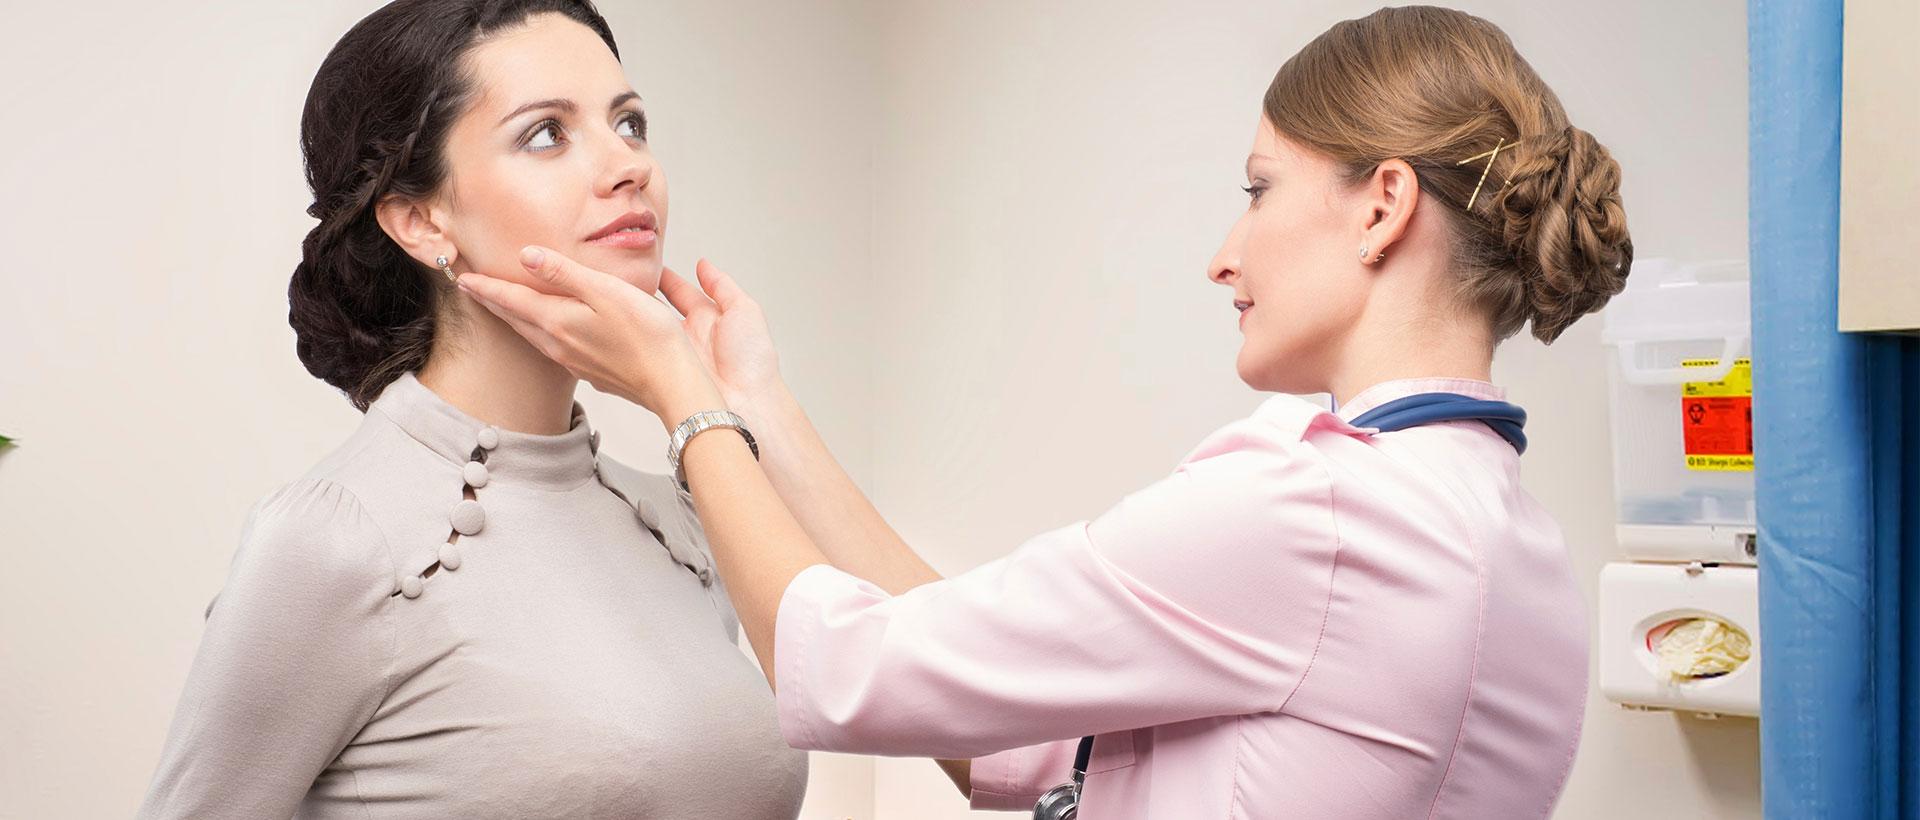 Ευθύνεται ο θυρεοειδή σας;